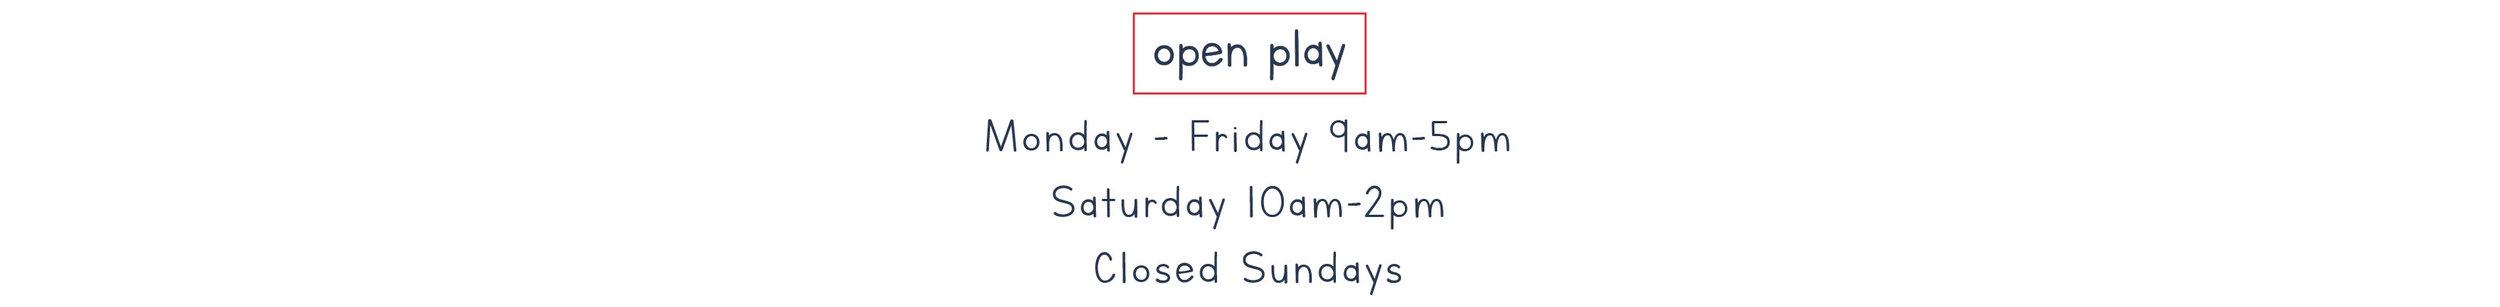 funkey open play -01.jpg